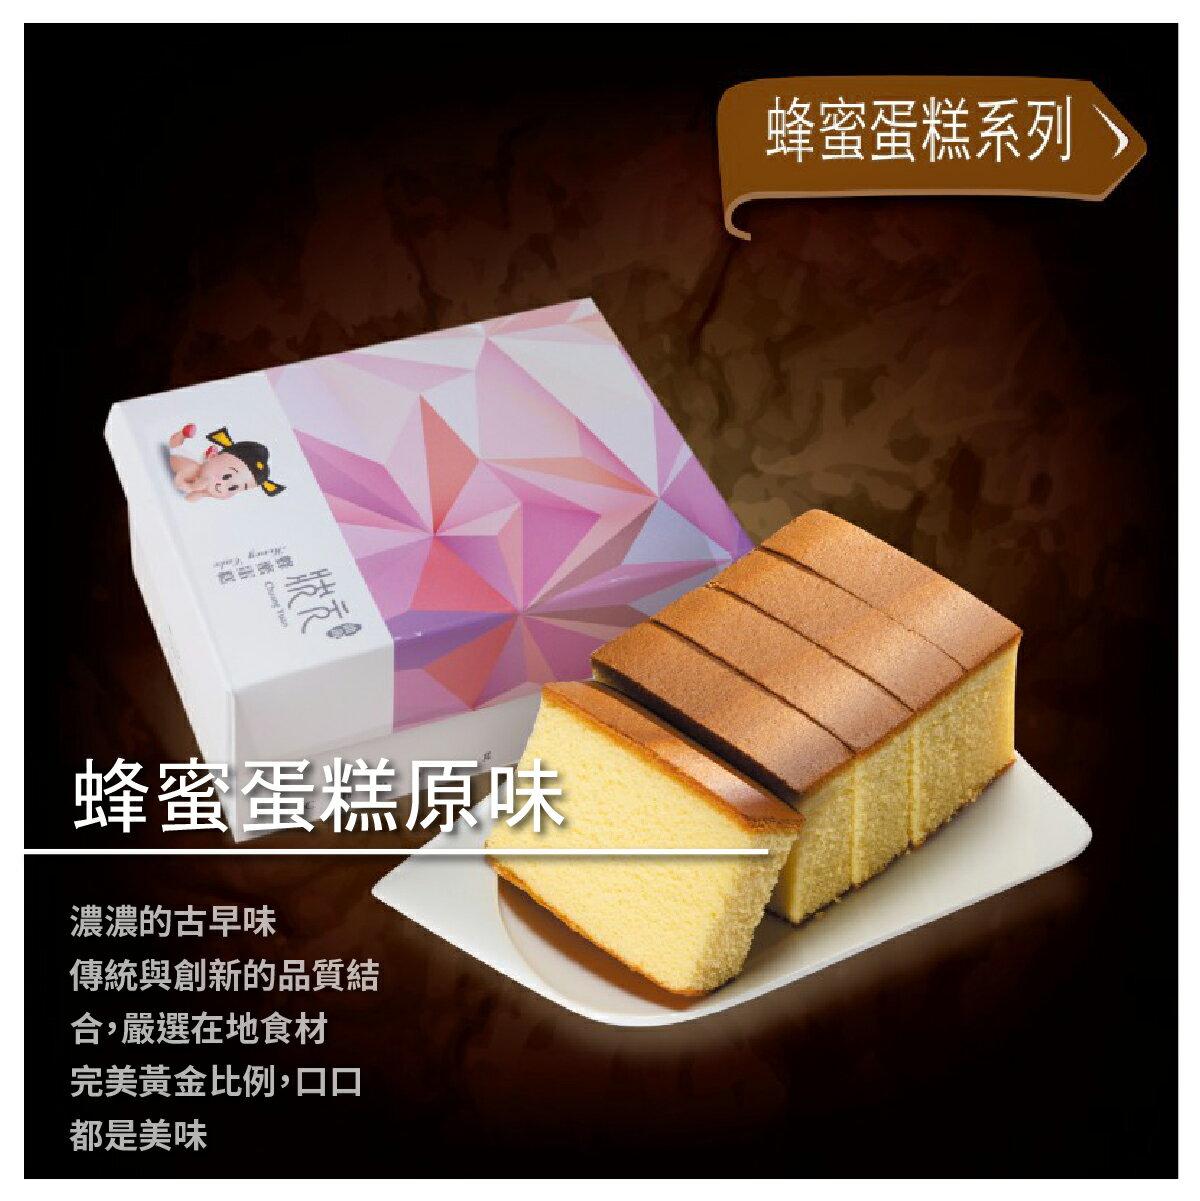 【狀元油飯彌月禮】蜂蜜蛋糕原味/5片、10片